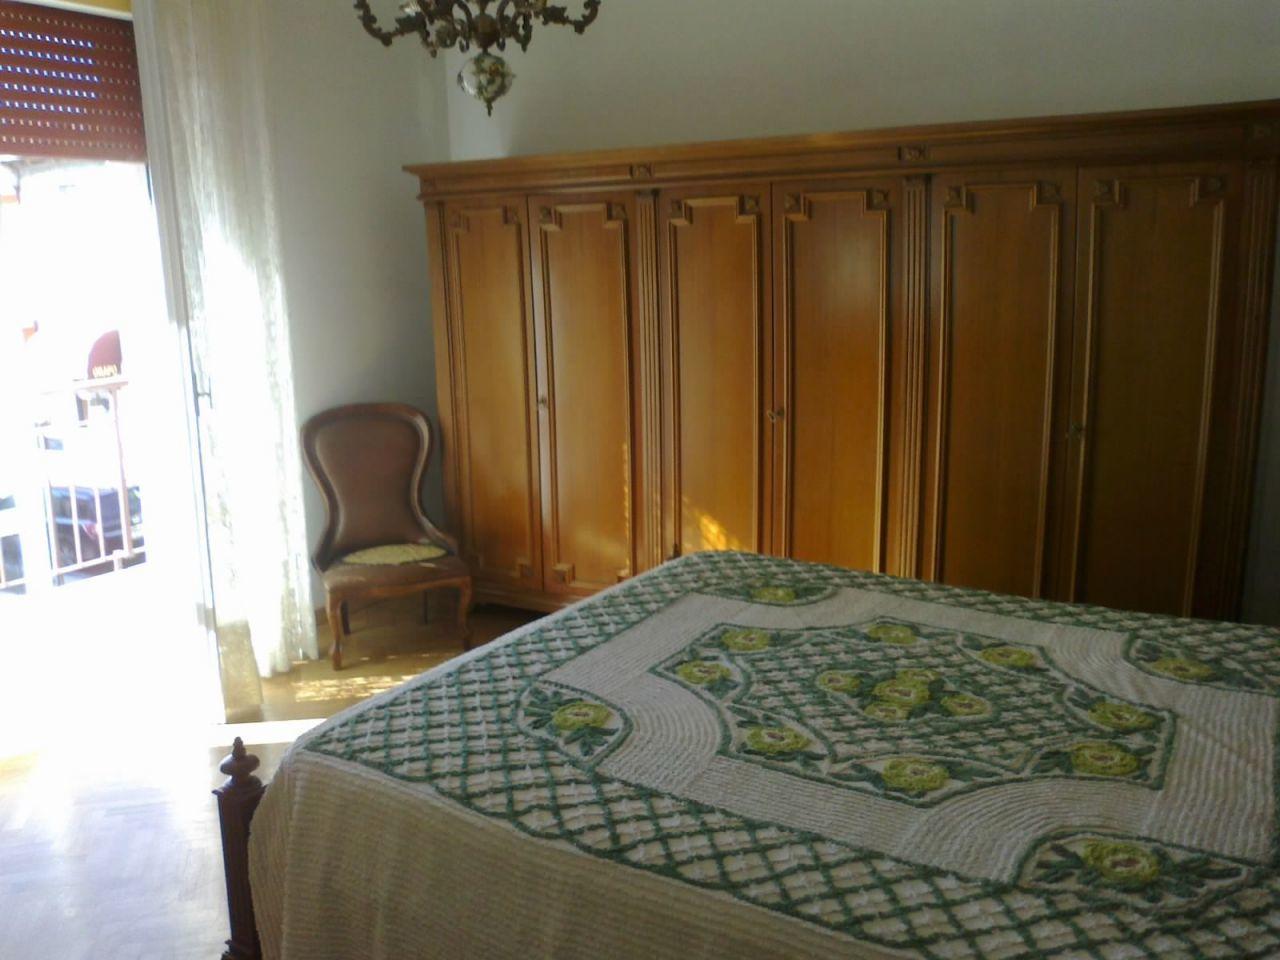 Appartamento quadrilocale in vendita a Montecatini-Terme (PT)